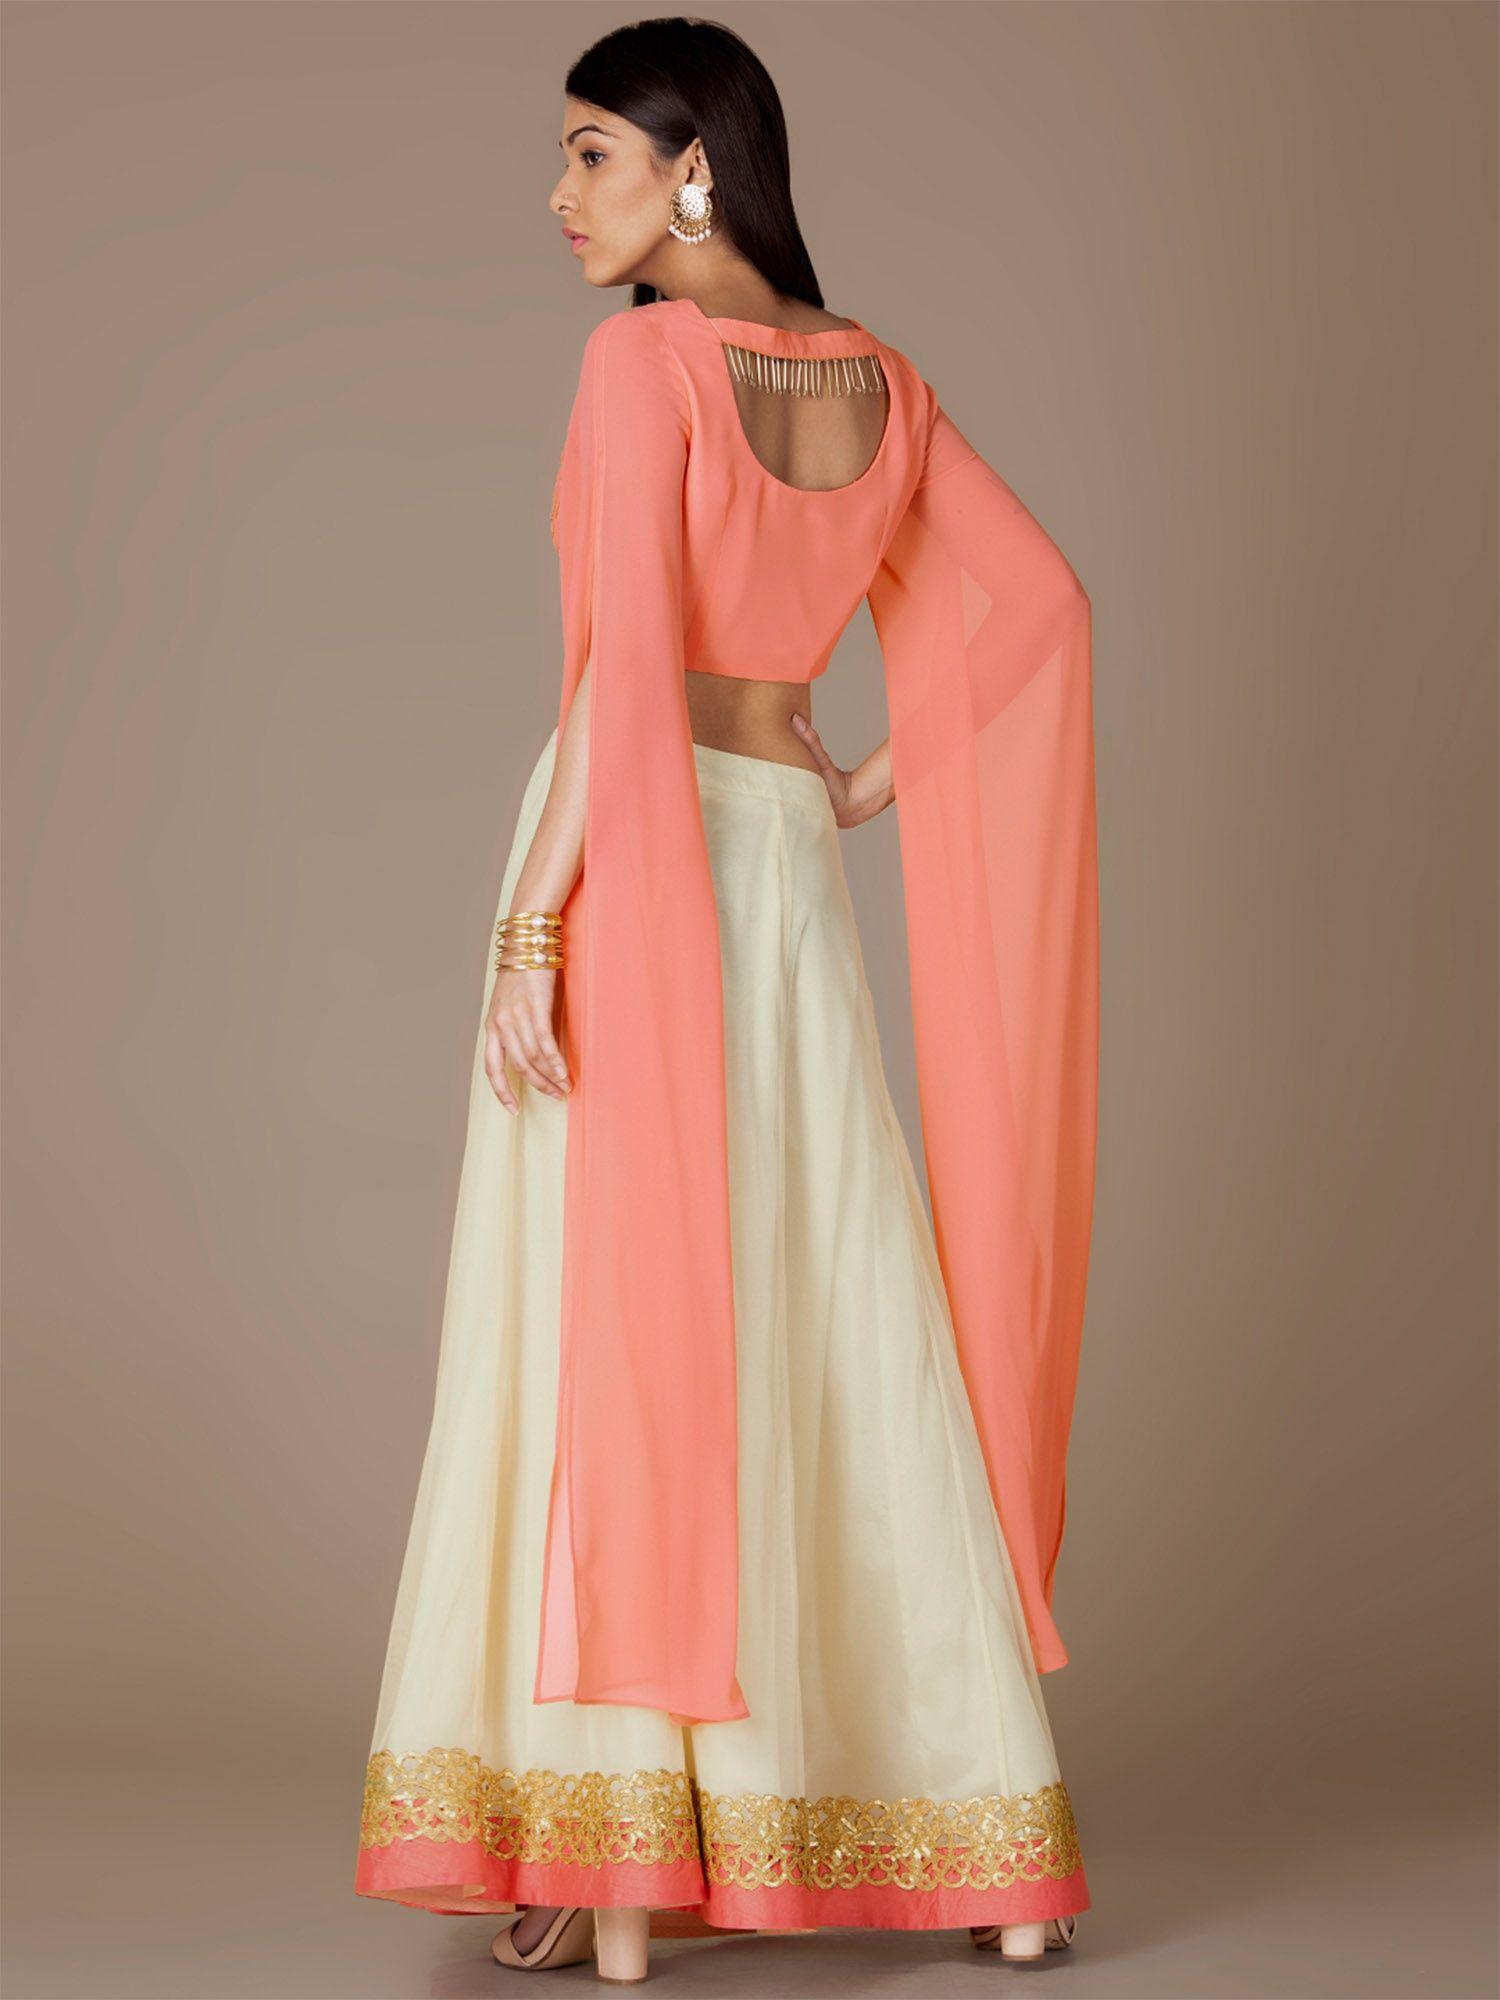 17be4acfaf Indya Shirts Tops and Crop Tops : Buy Indya Coral Sequin Crop Top ...